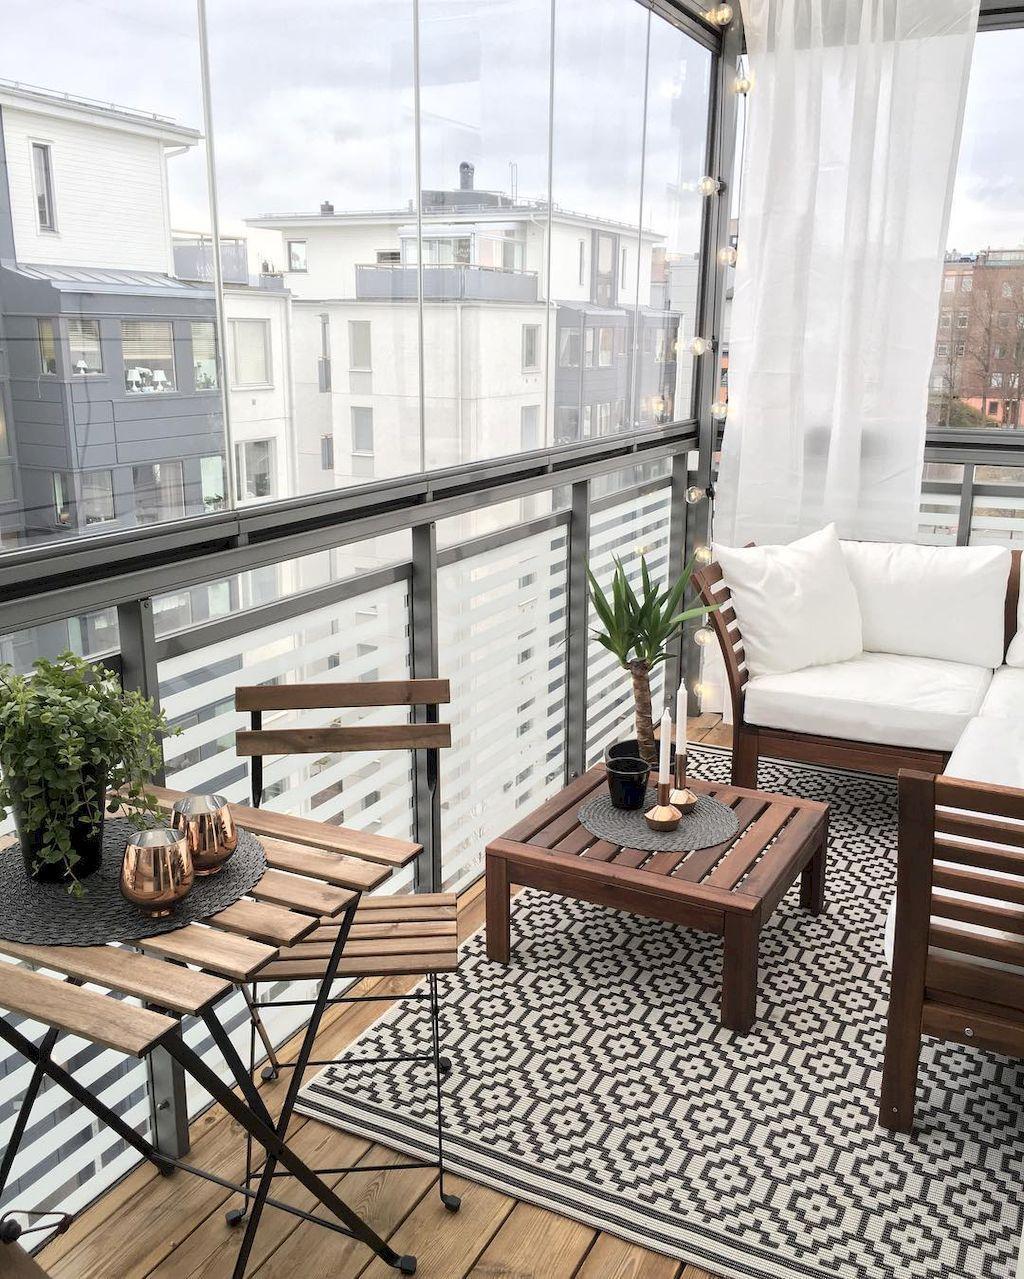 balcone arredato con divanetto tavolini sedie in legno